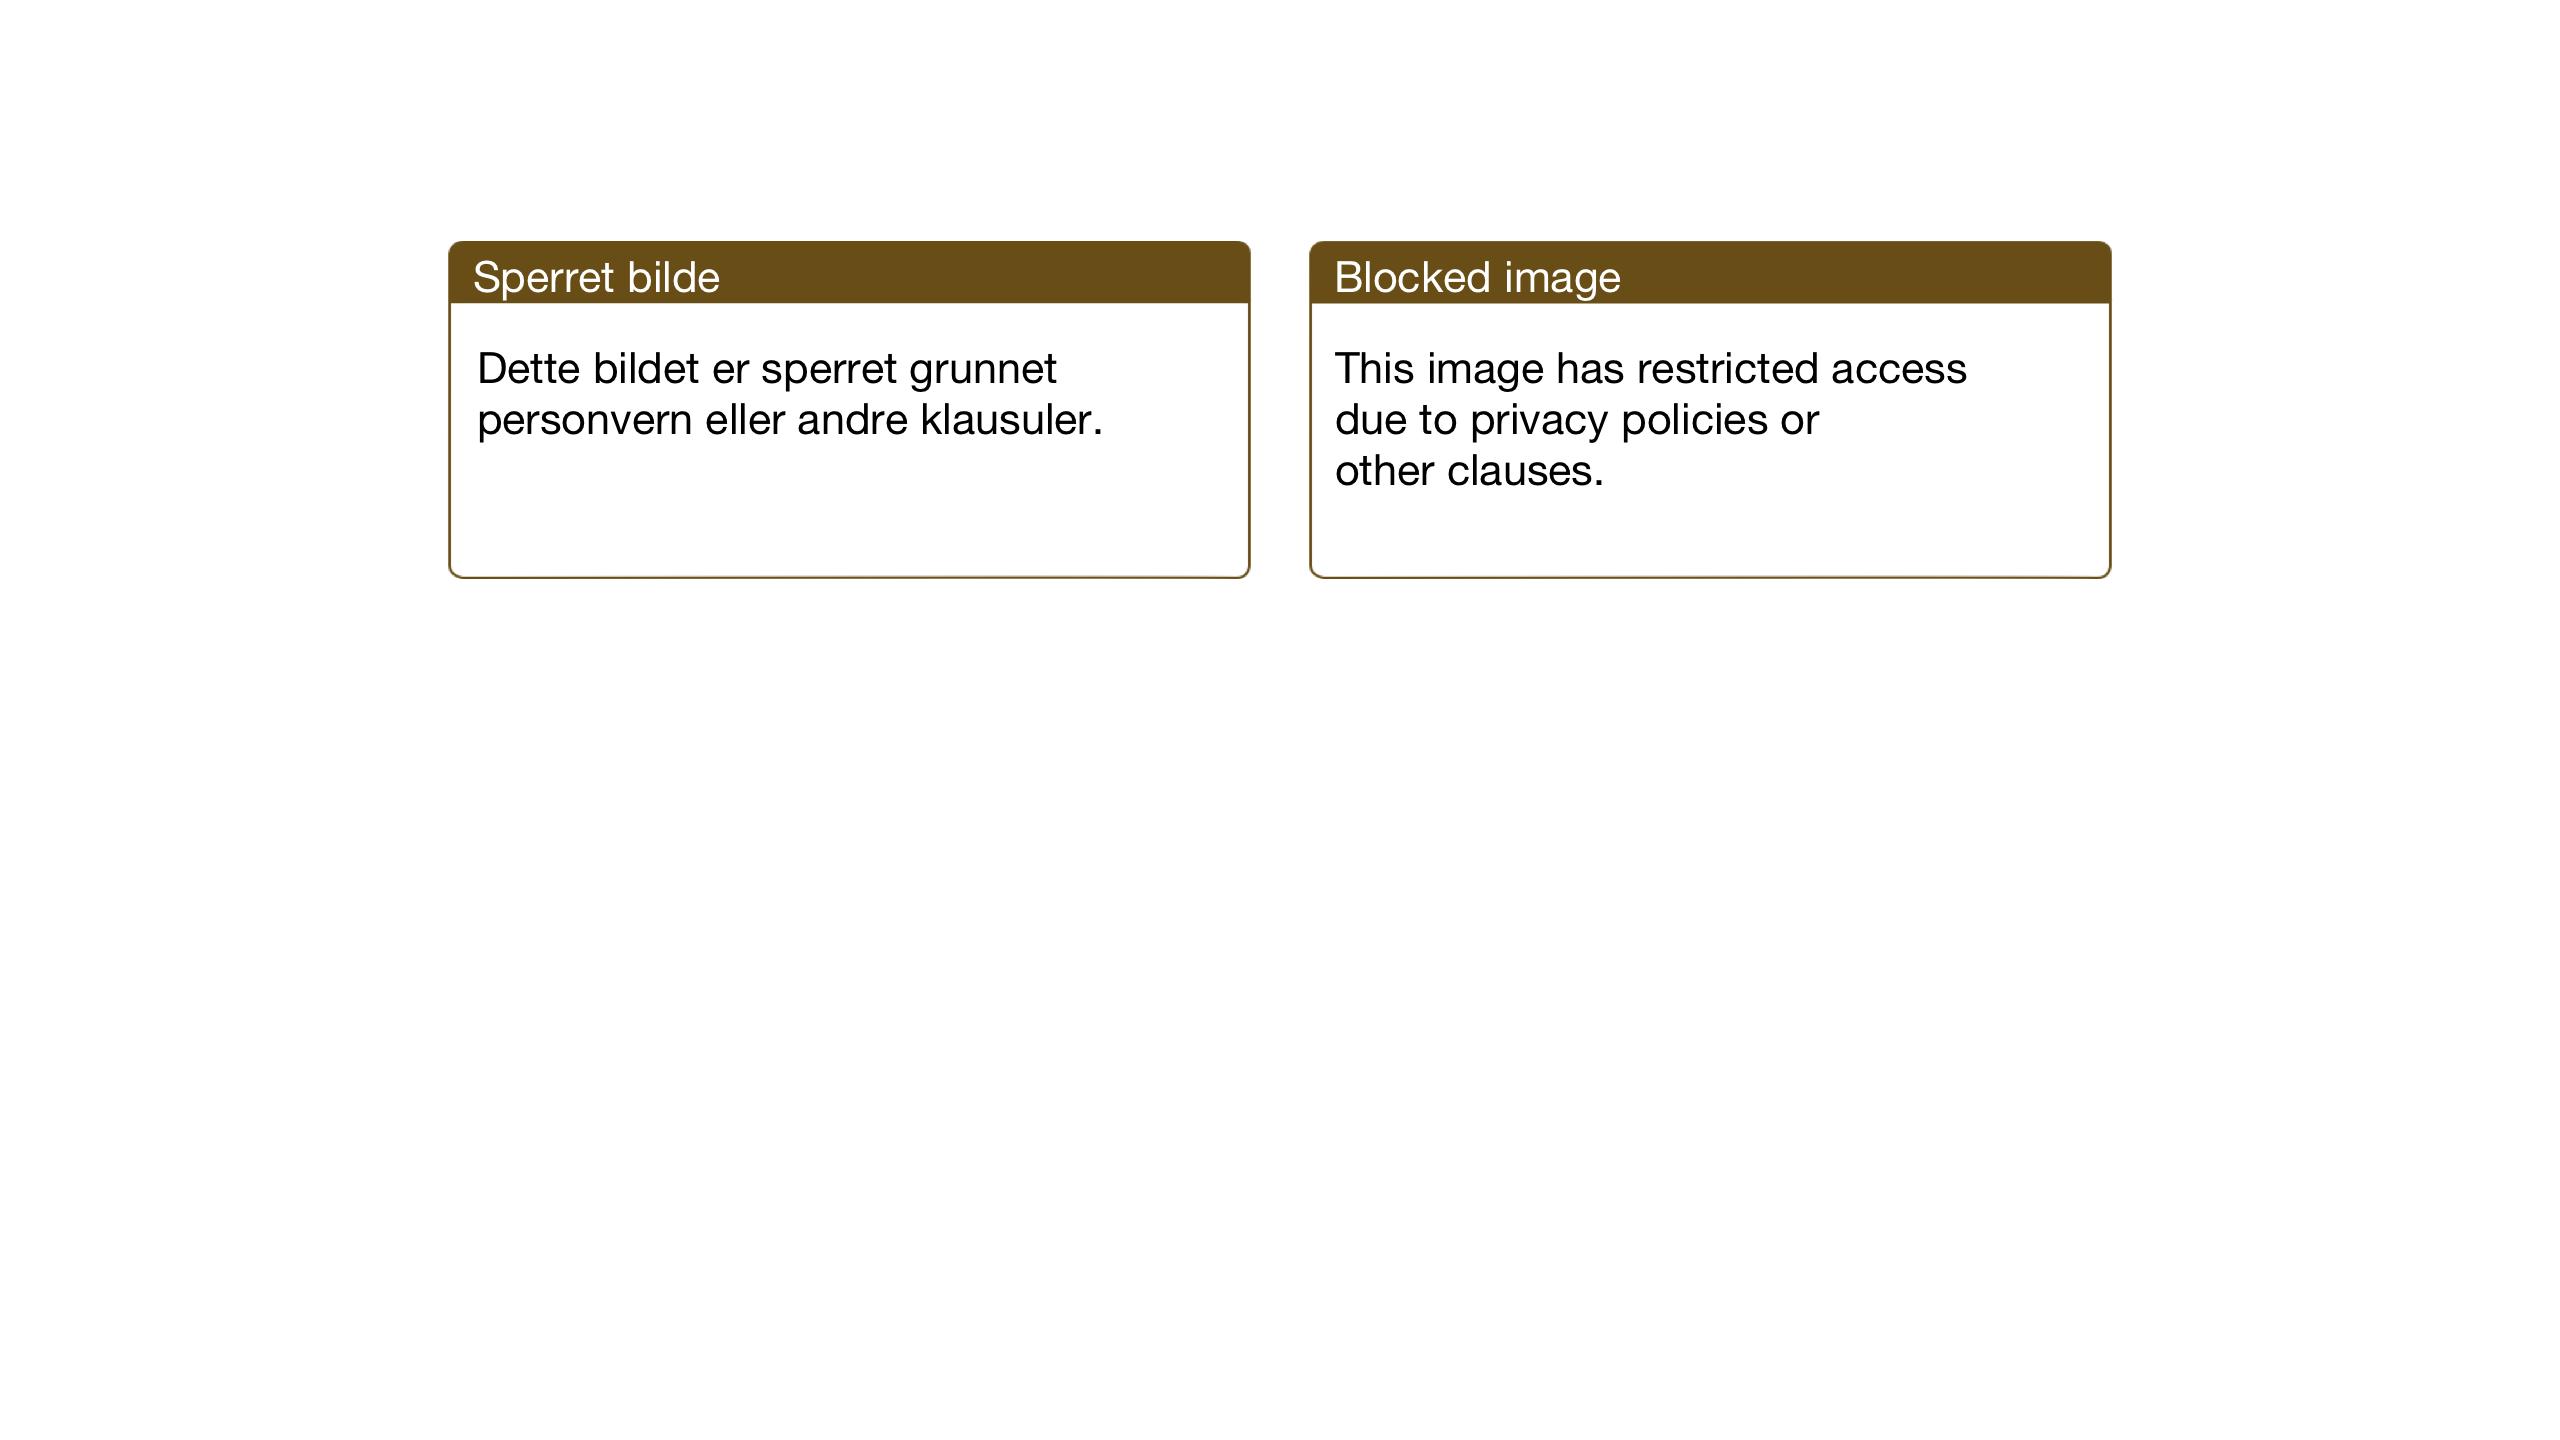 SAT, Ministerialprotokoller, klokkerbøker og fødselsregistre - Nord-Trøndelag, 748/L0465: Klokkerbok nr. 748C01, 1908-1960, s. 31